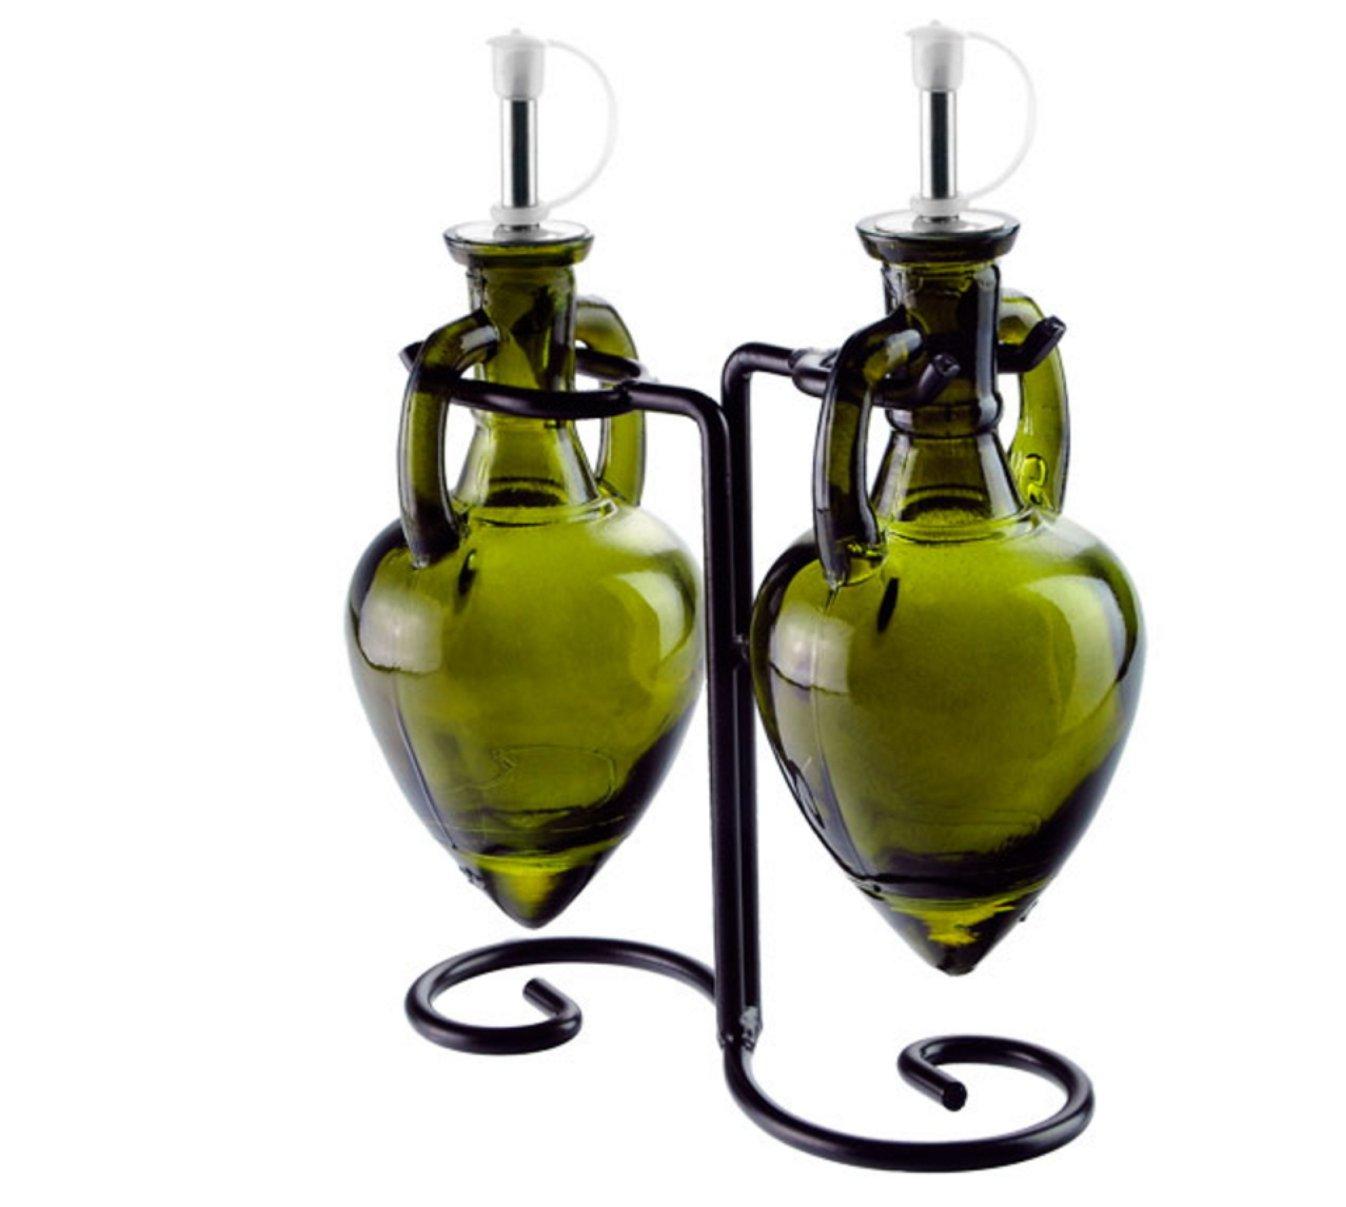 Oil and Vinegar Dispenser, Olive Oil Bottles or Soap Dispenser Bottle G11FR Vintage Green Amphora Style Bottle Set with Stainless Steel Pour Spouts & Corks. Black Metal Vintage Swirl Rack Included.